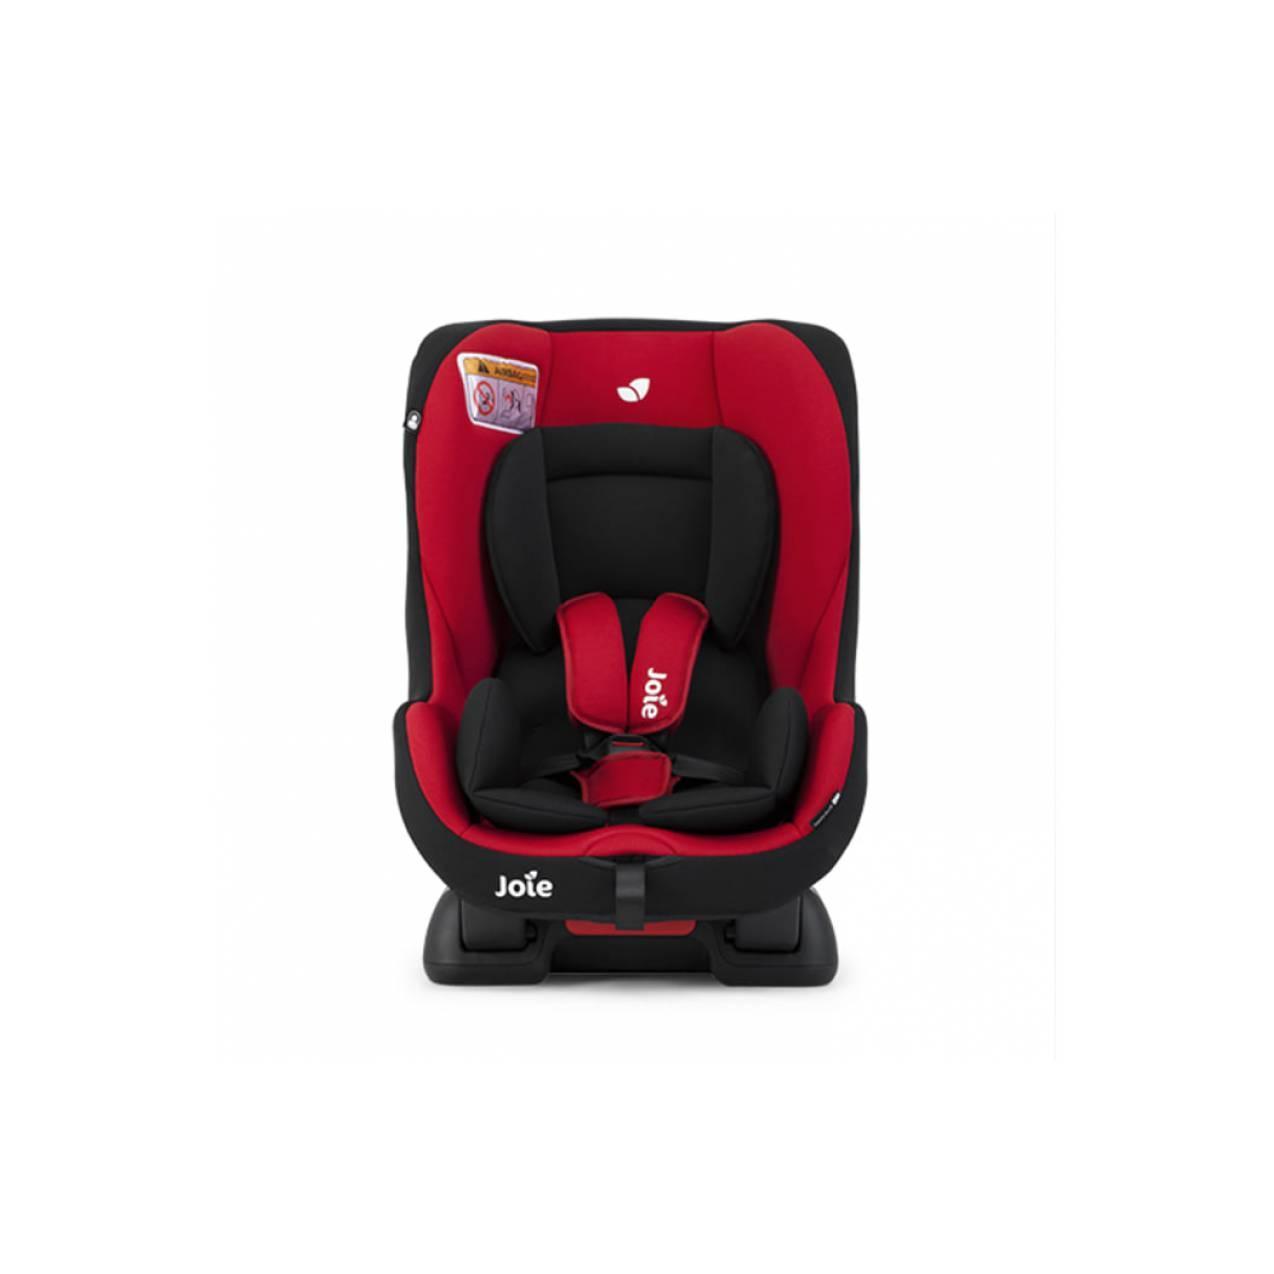 Joie Meet Tilt Kursi Sofa Bantal Mobil Untuk Bayi Murah Berkualitas